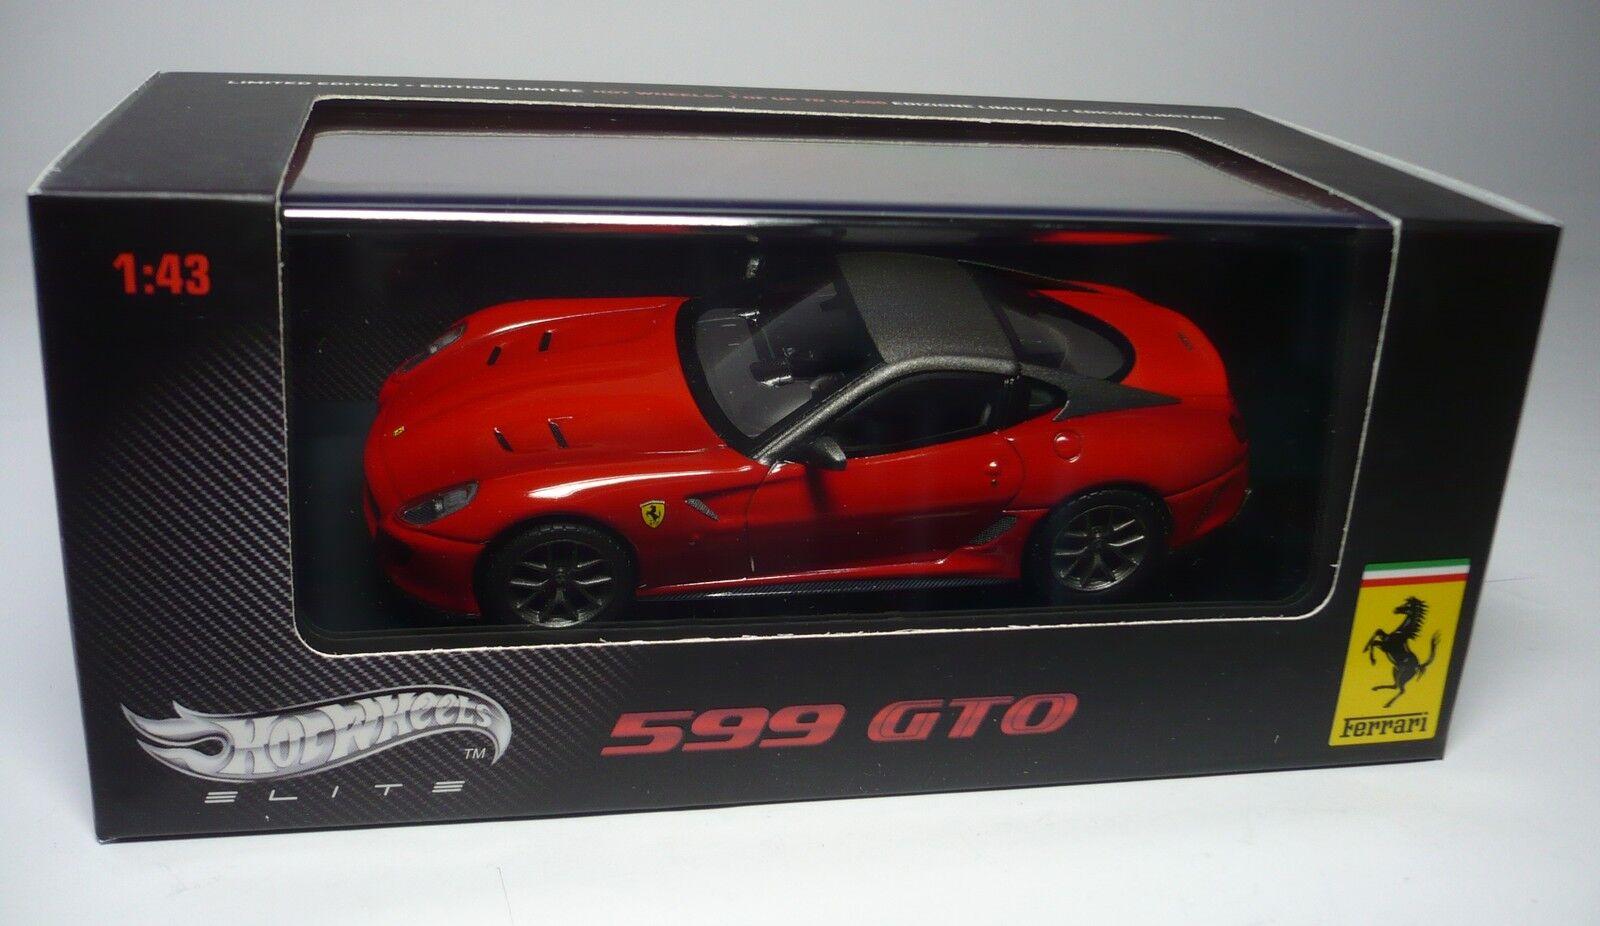 FERRARI 599 GTO 1 43 MATTEL HOT  Wtalons ELITE  70% de réduction